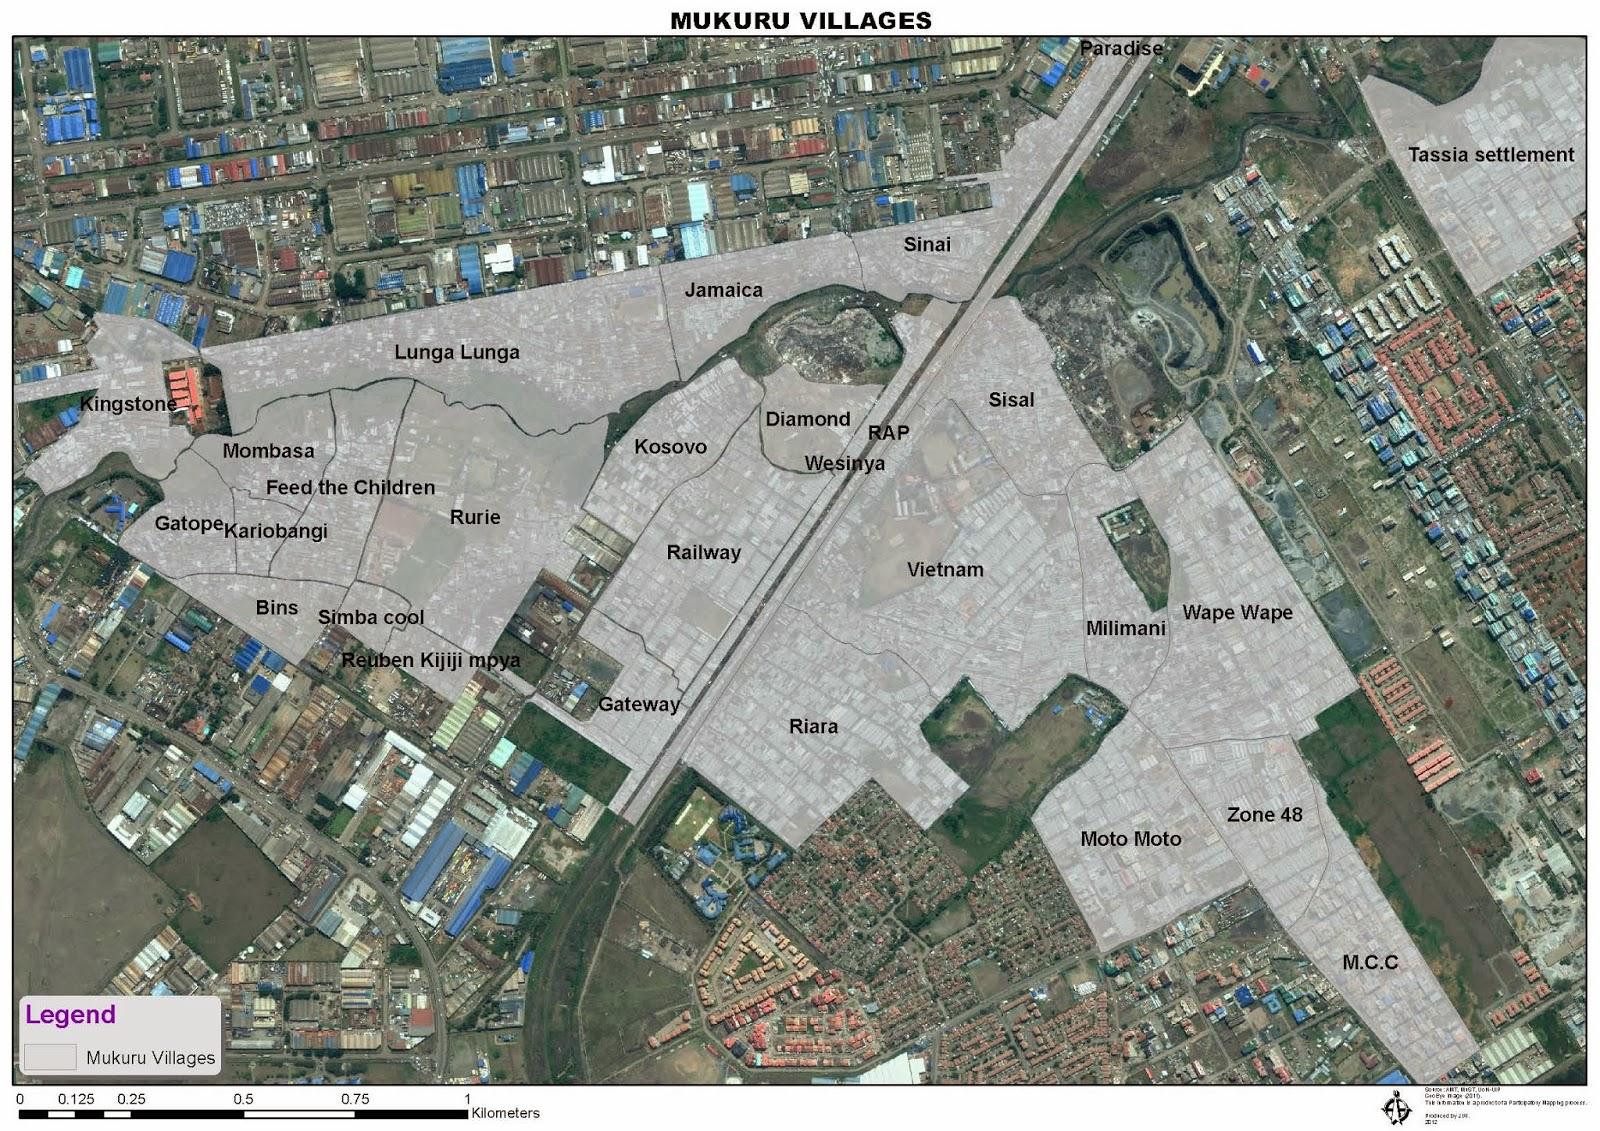 An overlayed cadastral map of villages in Mukuru Slums